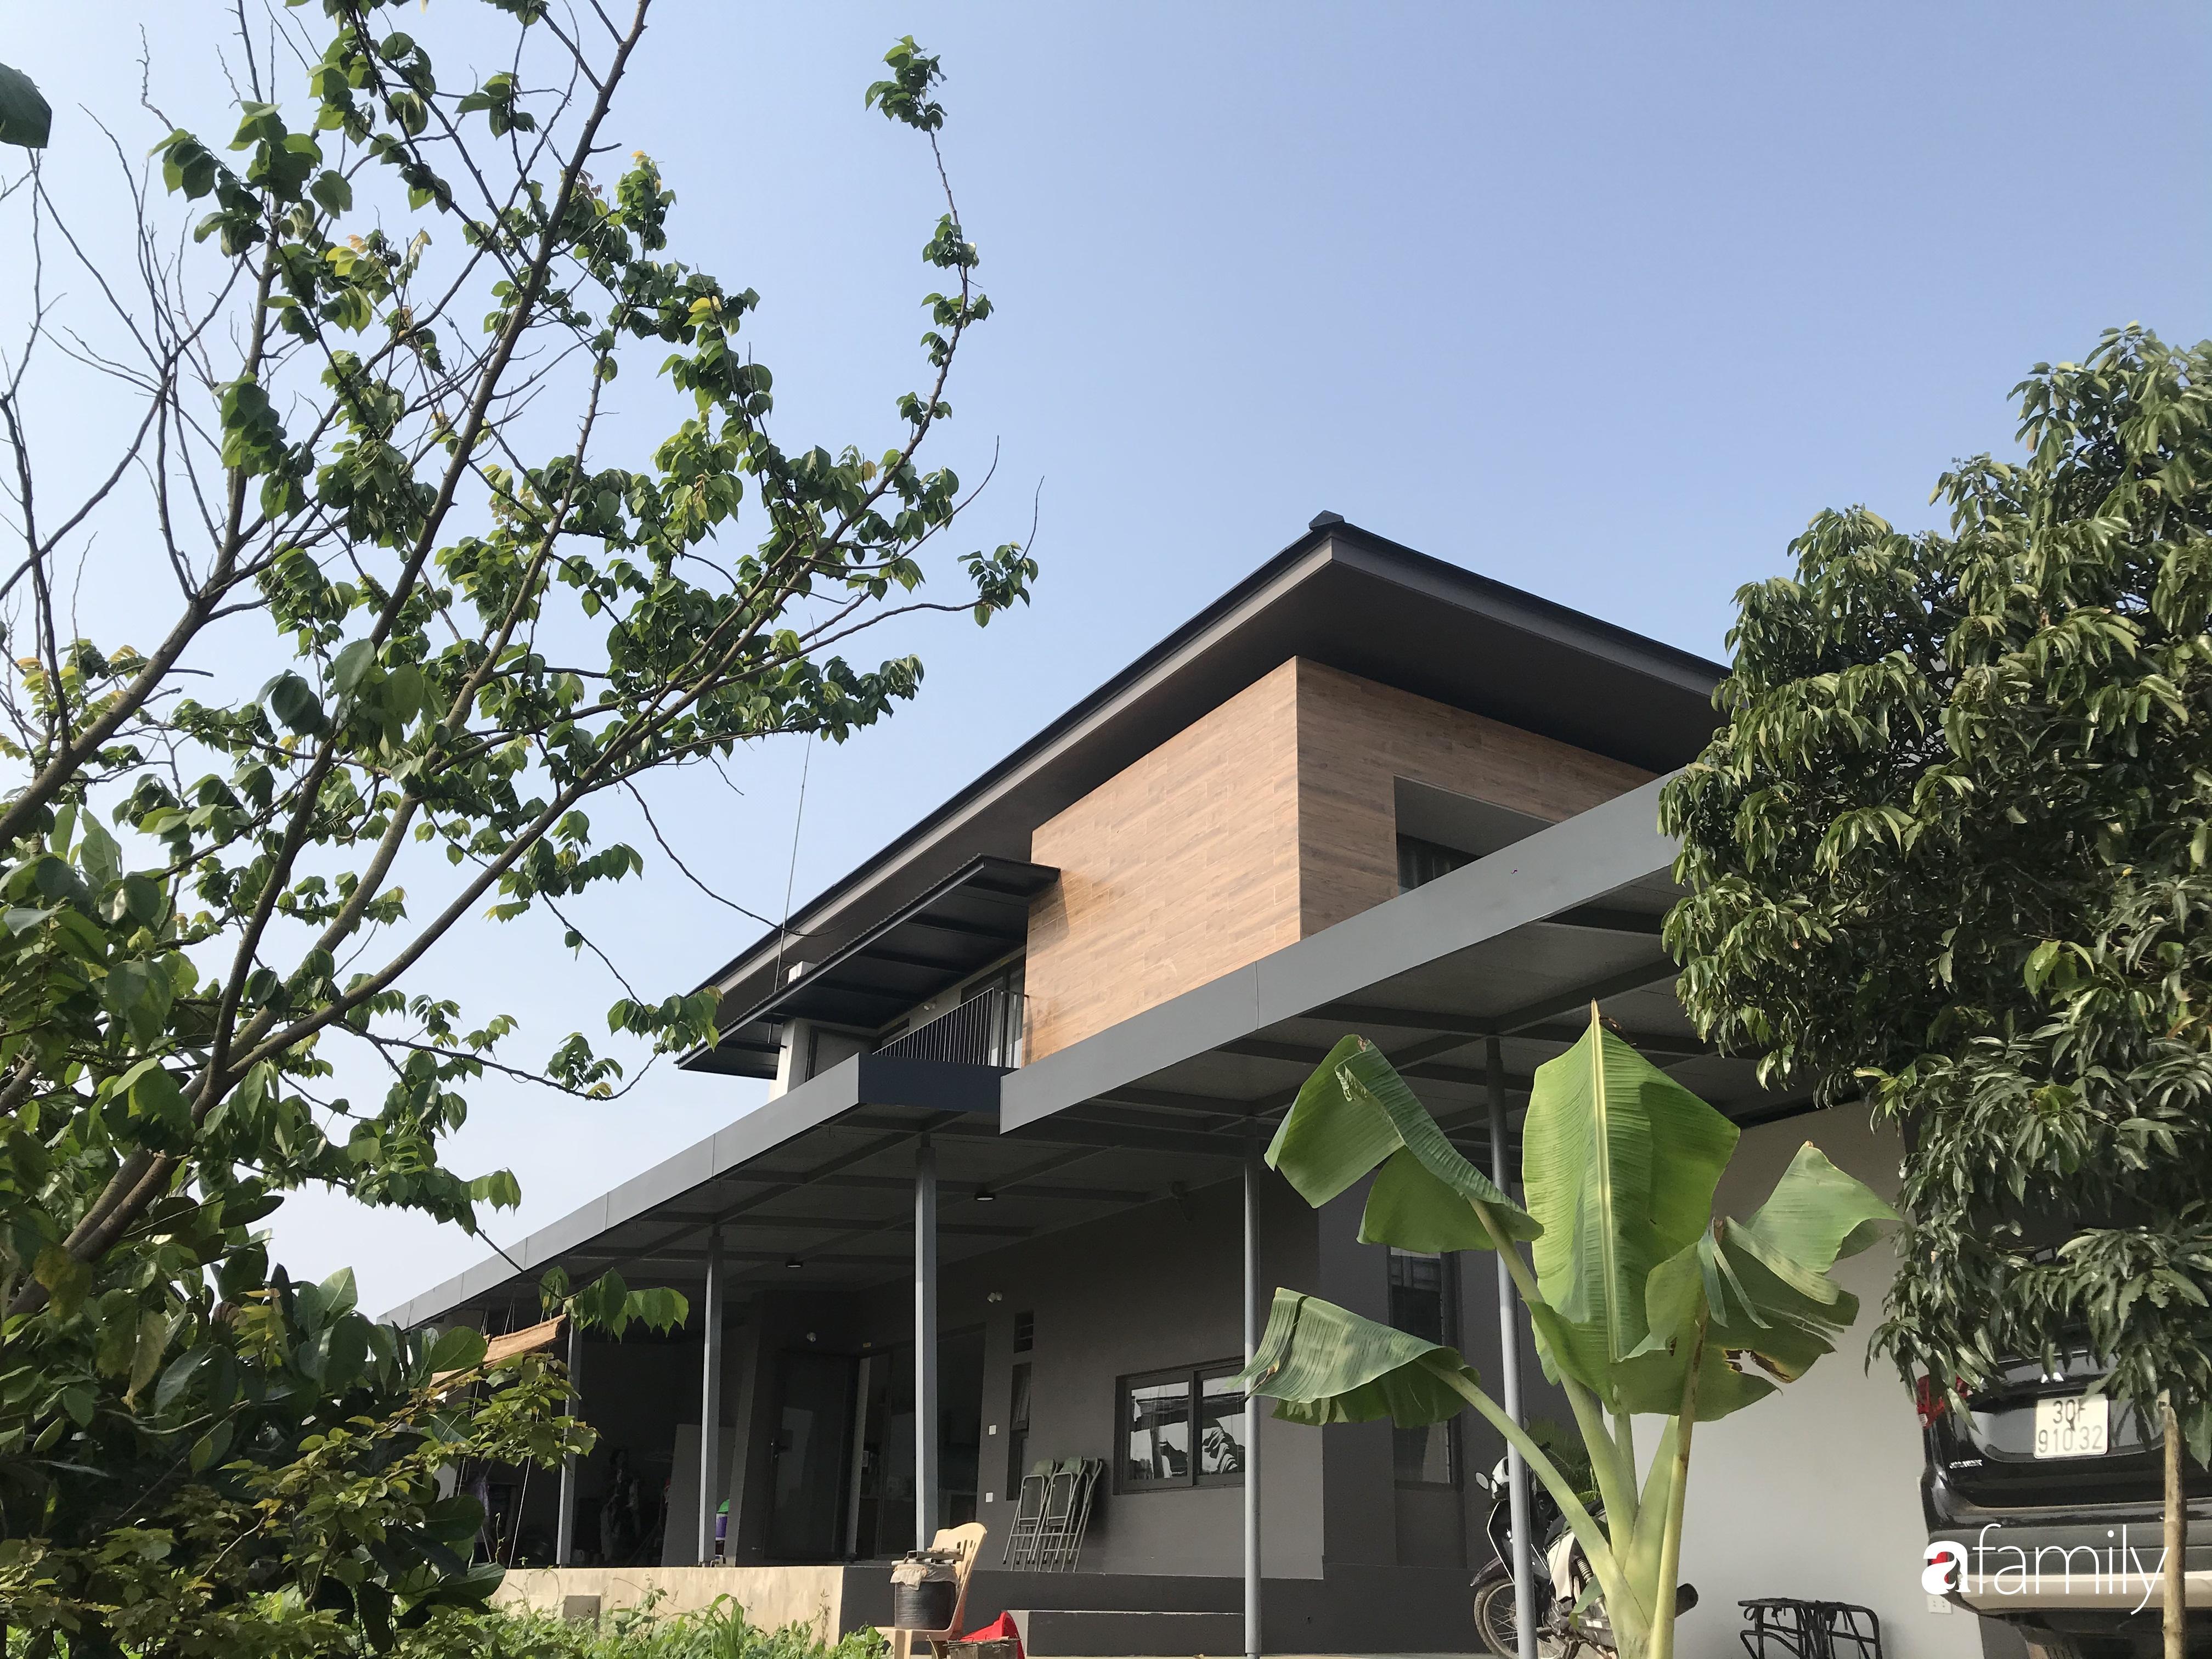 Con trai là KTS xây nhà 2 tầng nhìn thẳng ra cánh đồng lúa với thiết kế tiện dụng cho bố mẹ già ở Hà Tĩnh - Ảnh 4.